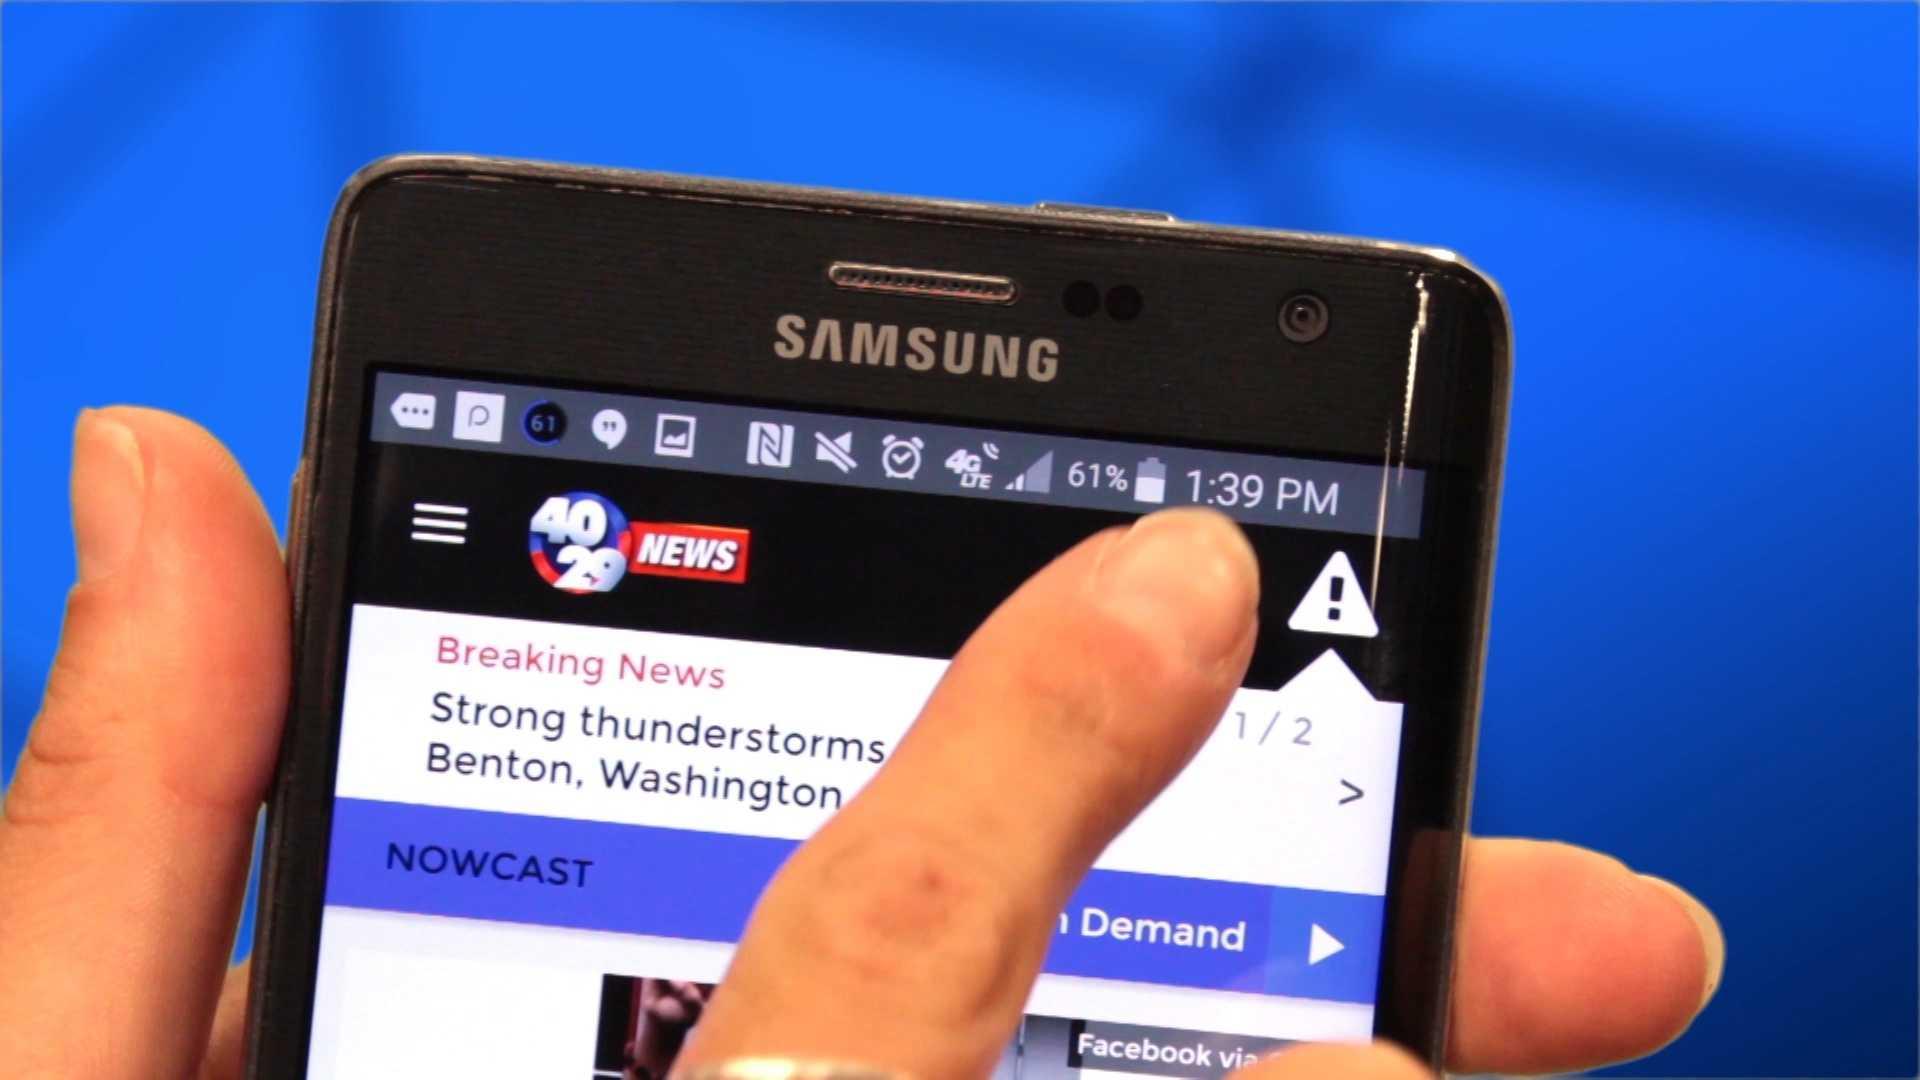 news app tease paige IMG